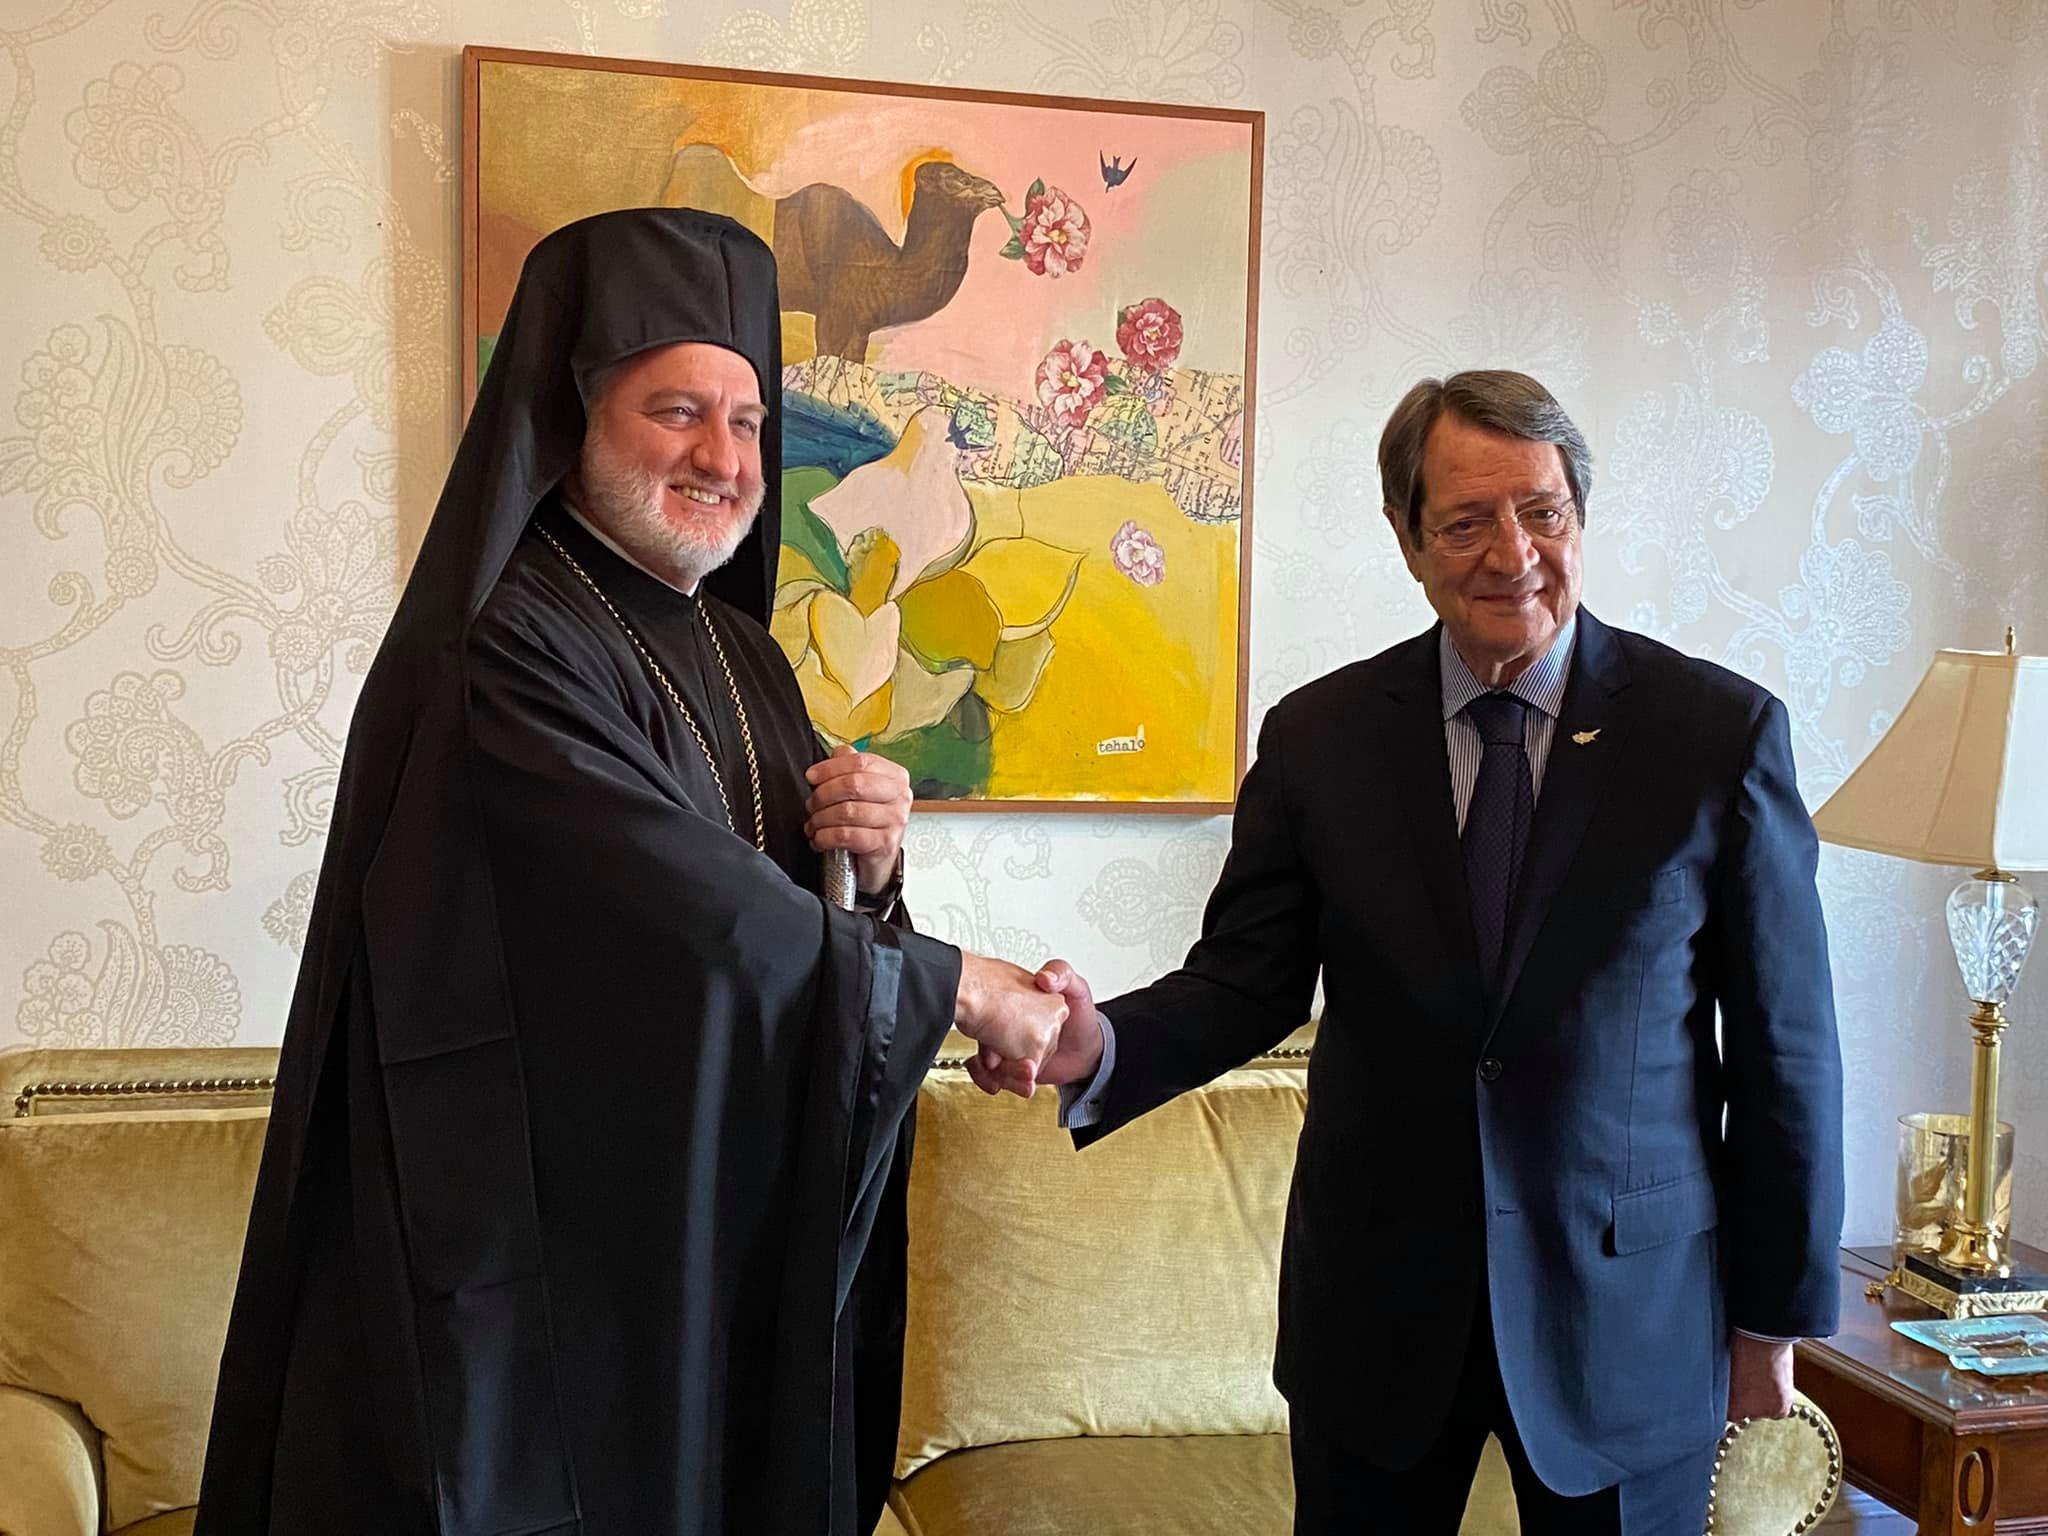 Νίκος Αναστασιάδης και Αρχιεπίσκοπος Ελπιδοφόρος συναντήθηκαν στη Νέα Υόρκη – «Το θέμα έληξε»